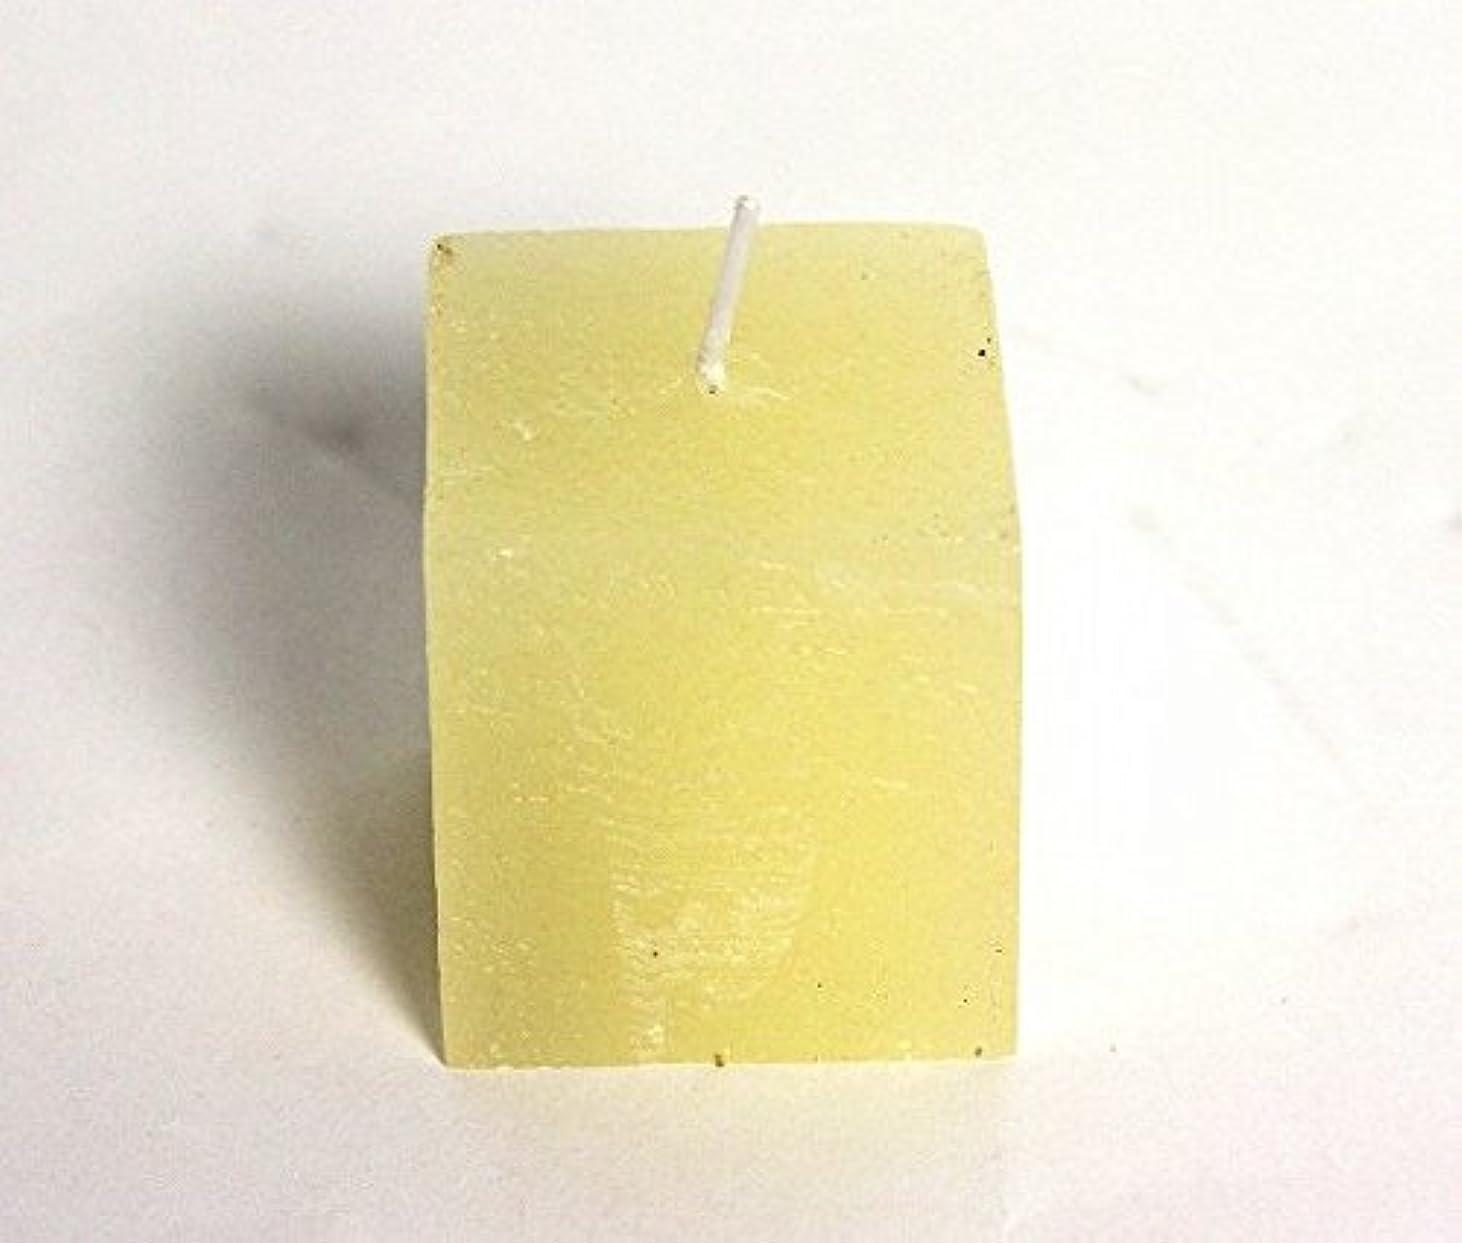 天の狼セットアップkameyama candle(カメヤマキャンドル) ラスティクミニキューブ 「 アイボリー 」(A4921000IV)